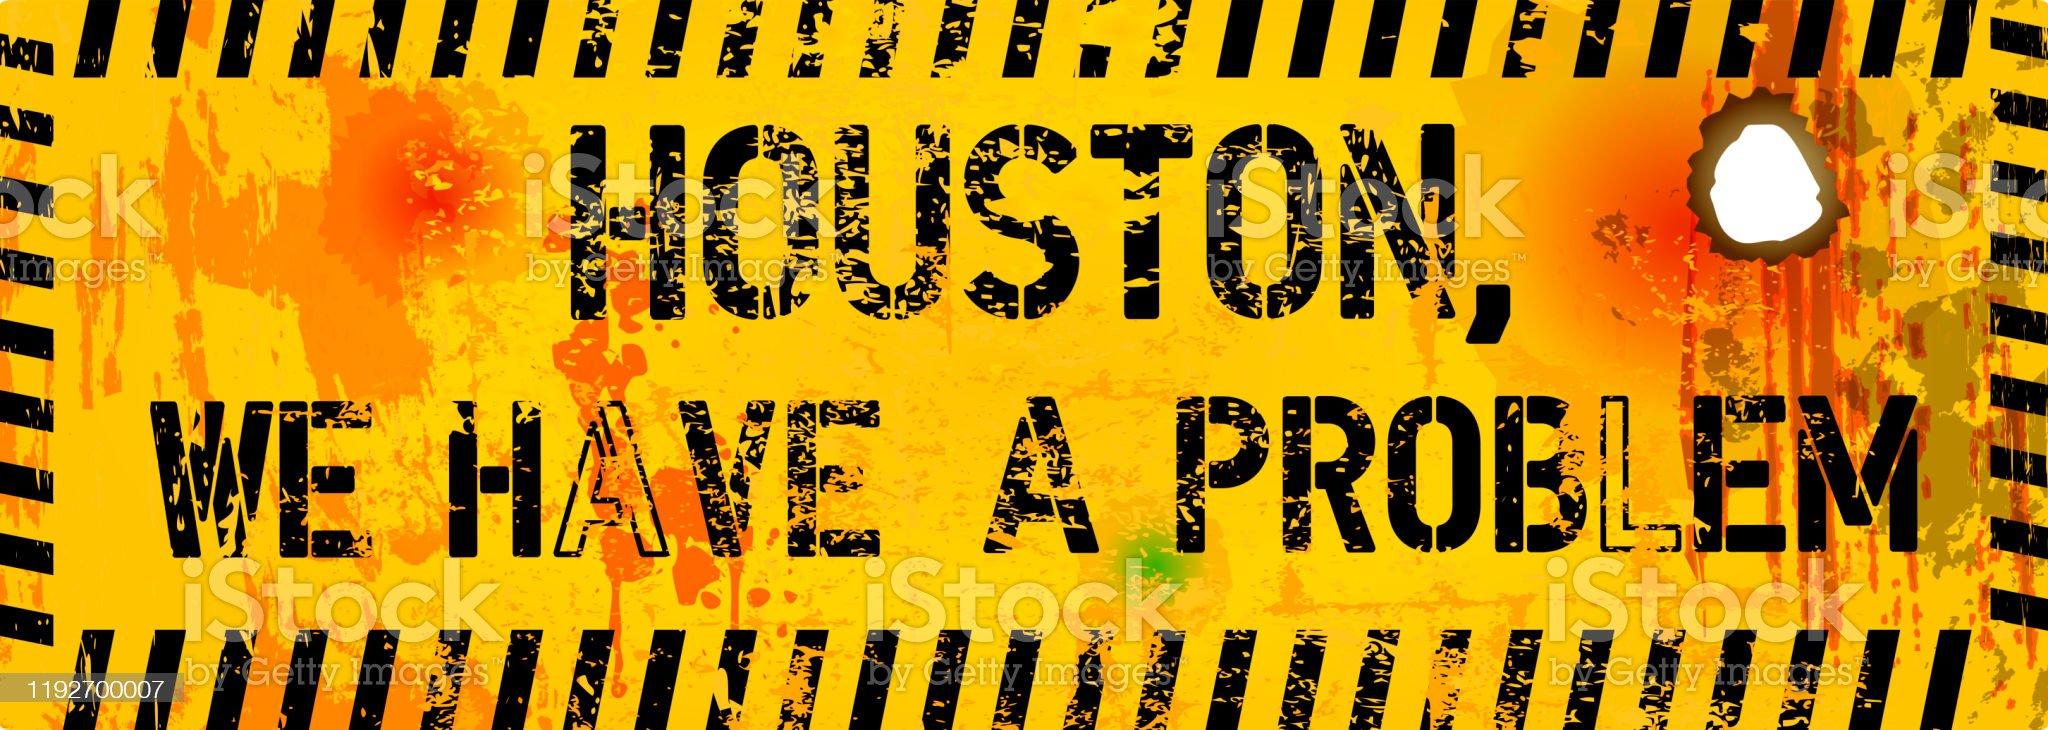 Houston, we have a problem, taken from                         https://www.freejpg.com.ar/imagenes/premium/1192700007/senal-de-fallo-del-sitio-web-descoldos-houston-tenemos-un-problema-ilustracion-vectorial-obra-de-arte-de-ficcion